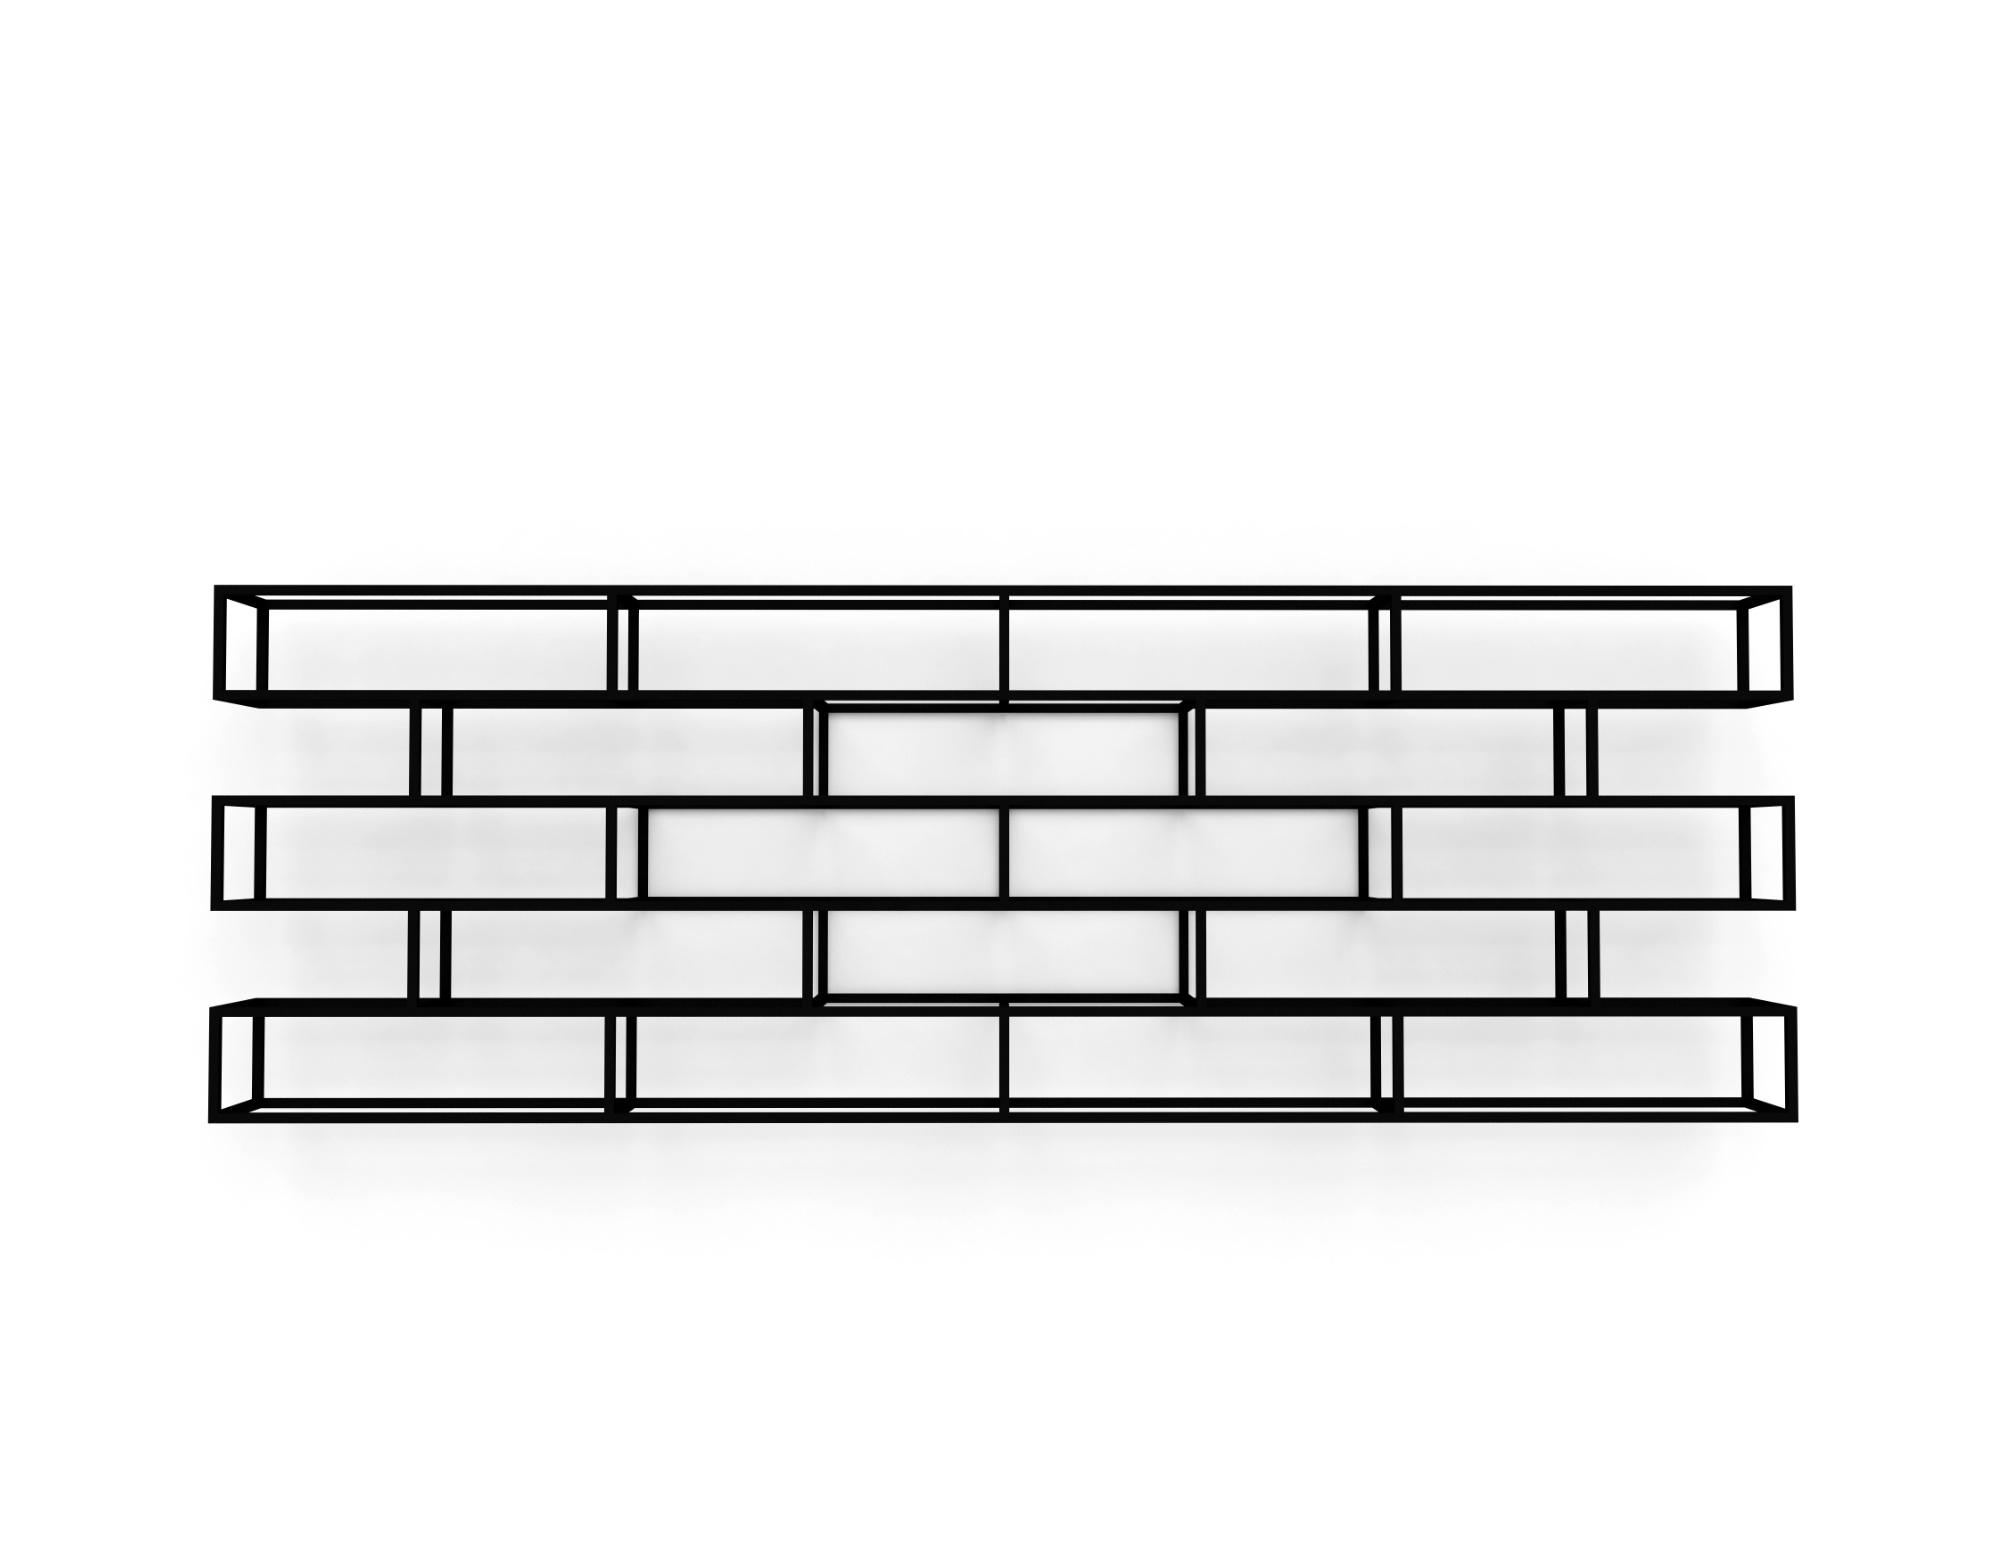 BRICKS wall by Gerard de Hoop 03 1